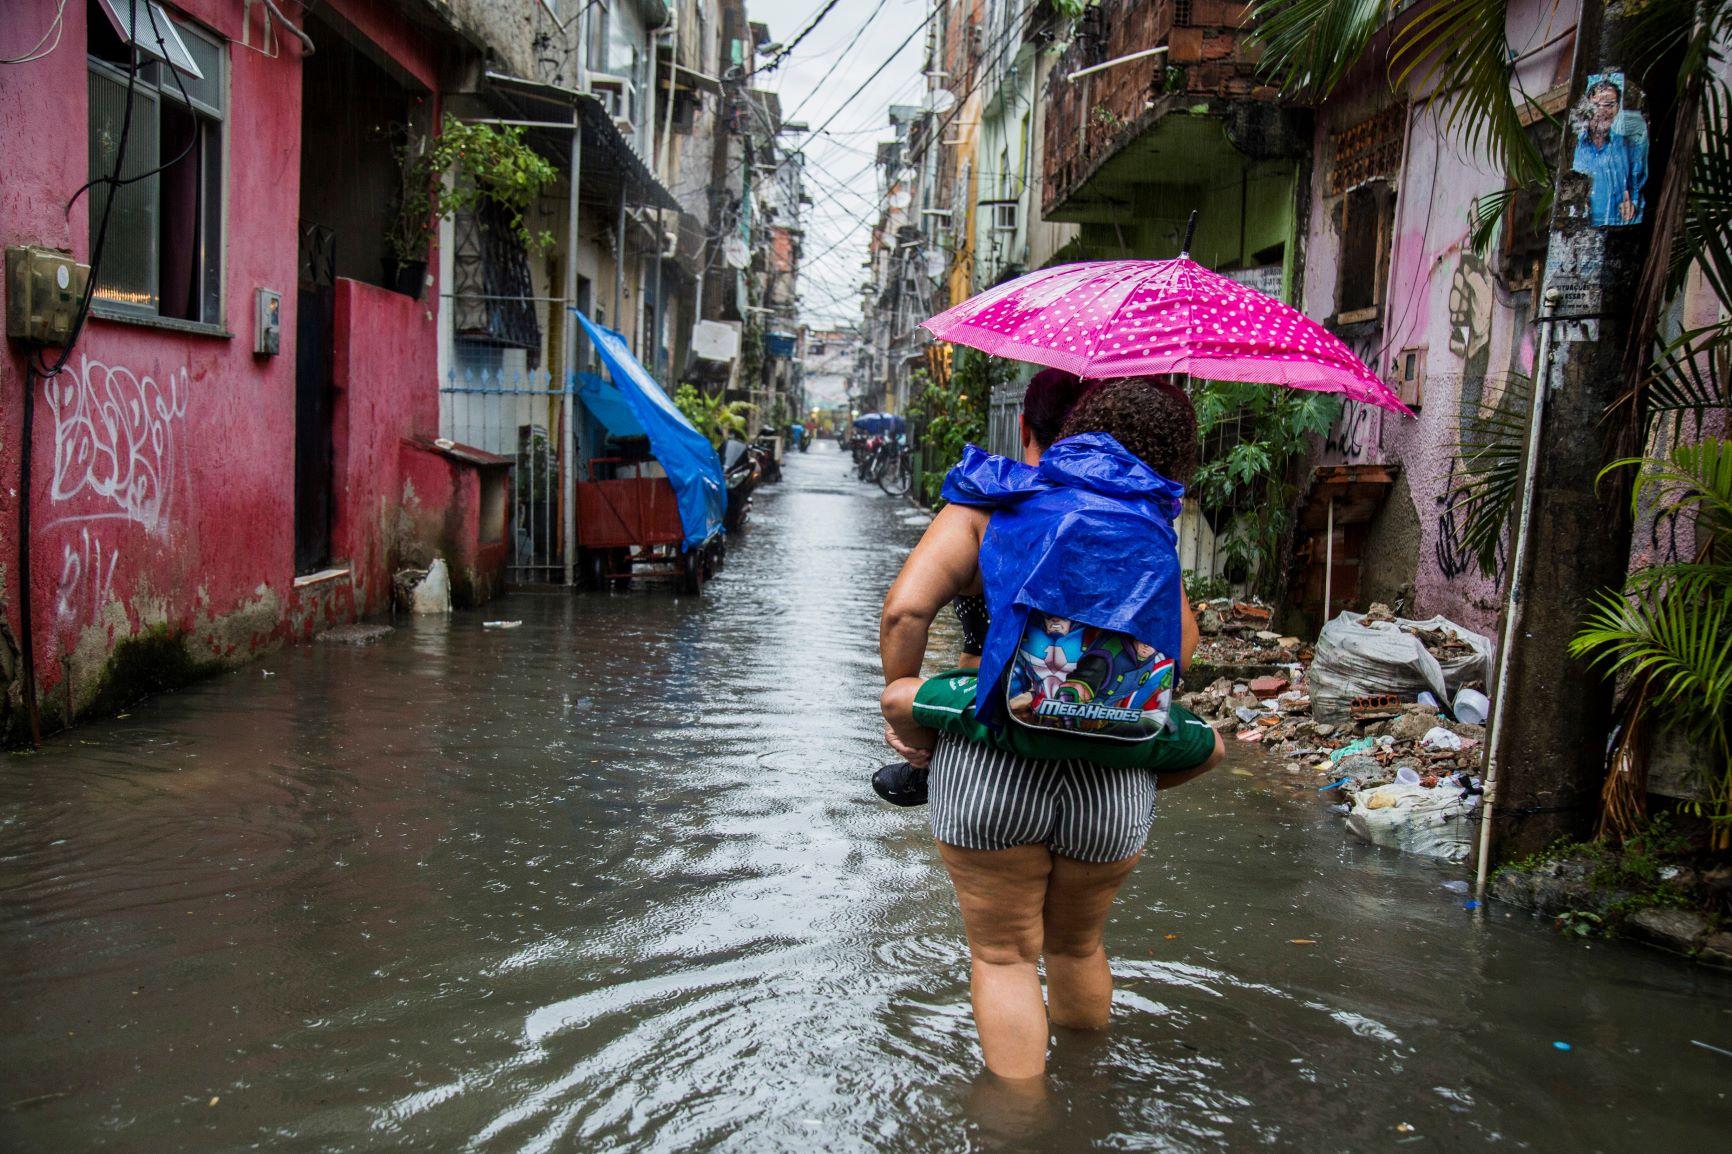 Maré inundada pela chuva: falta de estrutura de saneamento e coleta de lixo precária prejudicam moradores e poluem Baía de Guanabara (Foto: Elisângela Leite/Casa Fluminense)